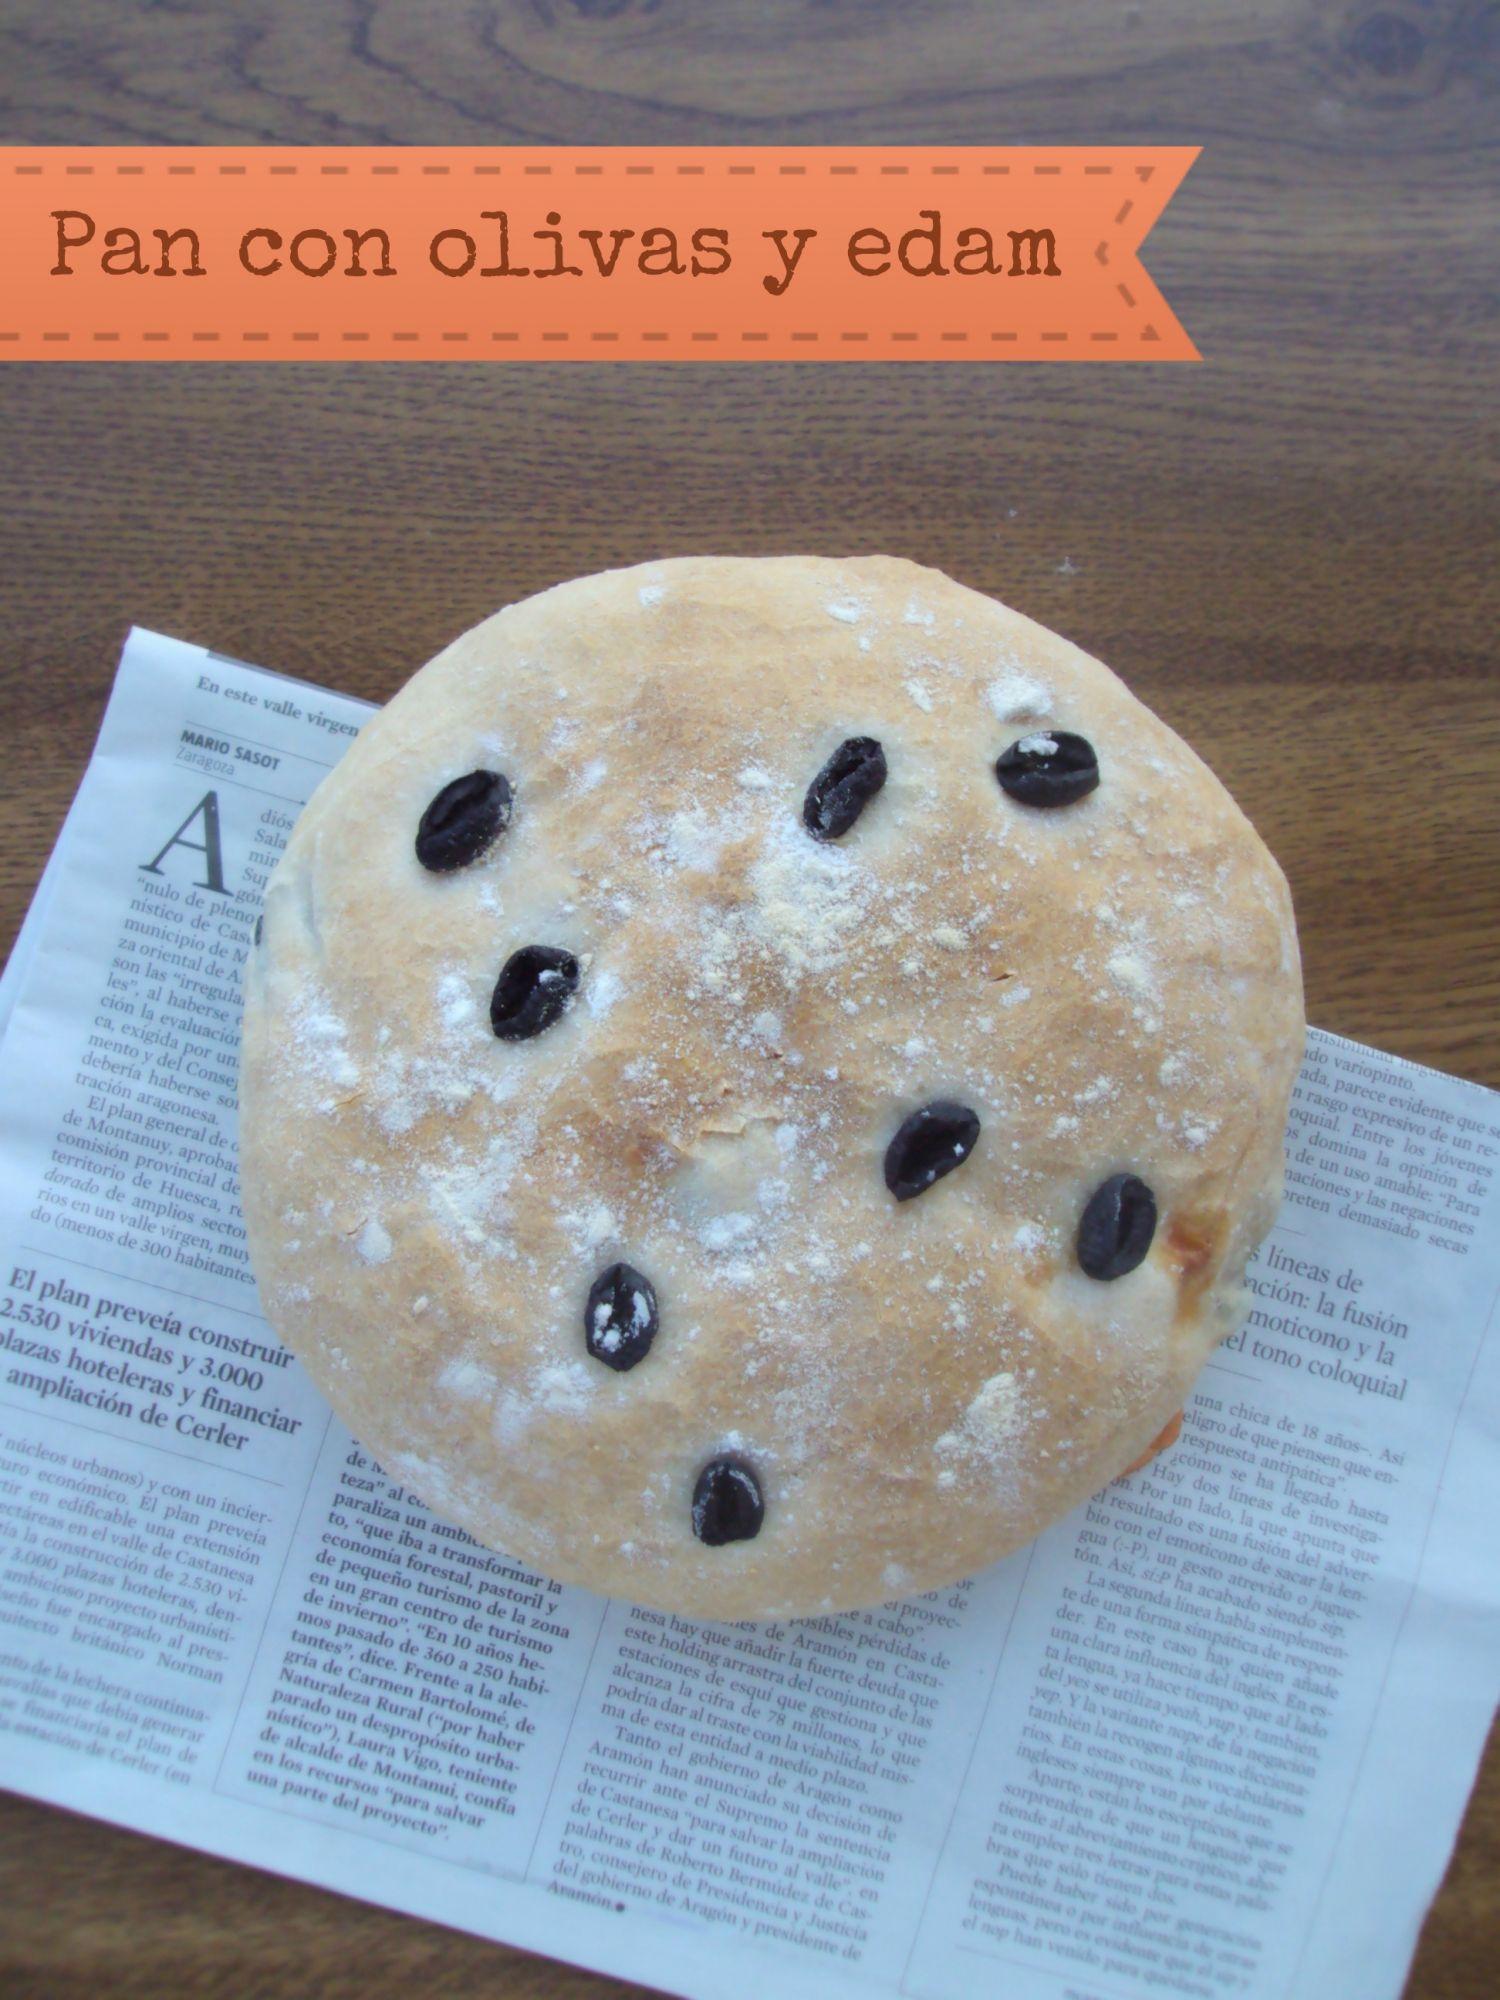 Pan con aceitunas negras y queso (3.5/5)